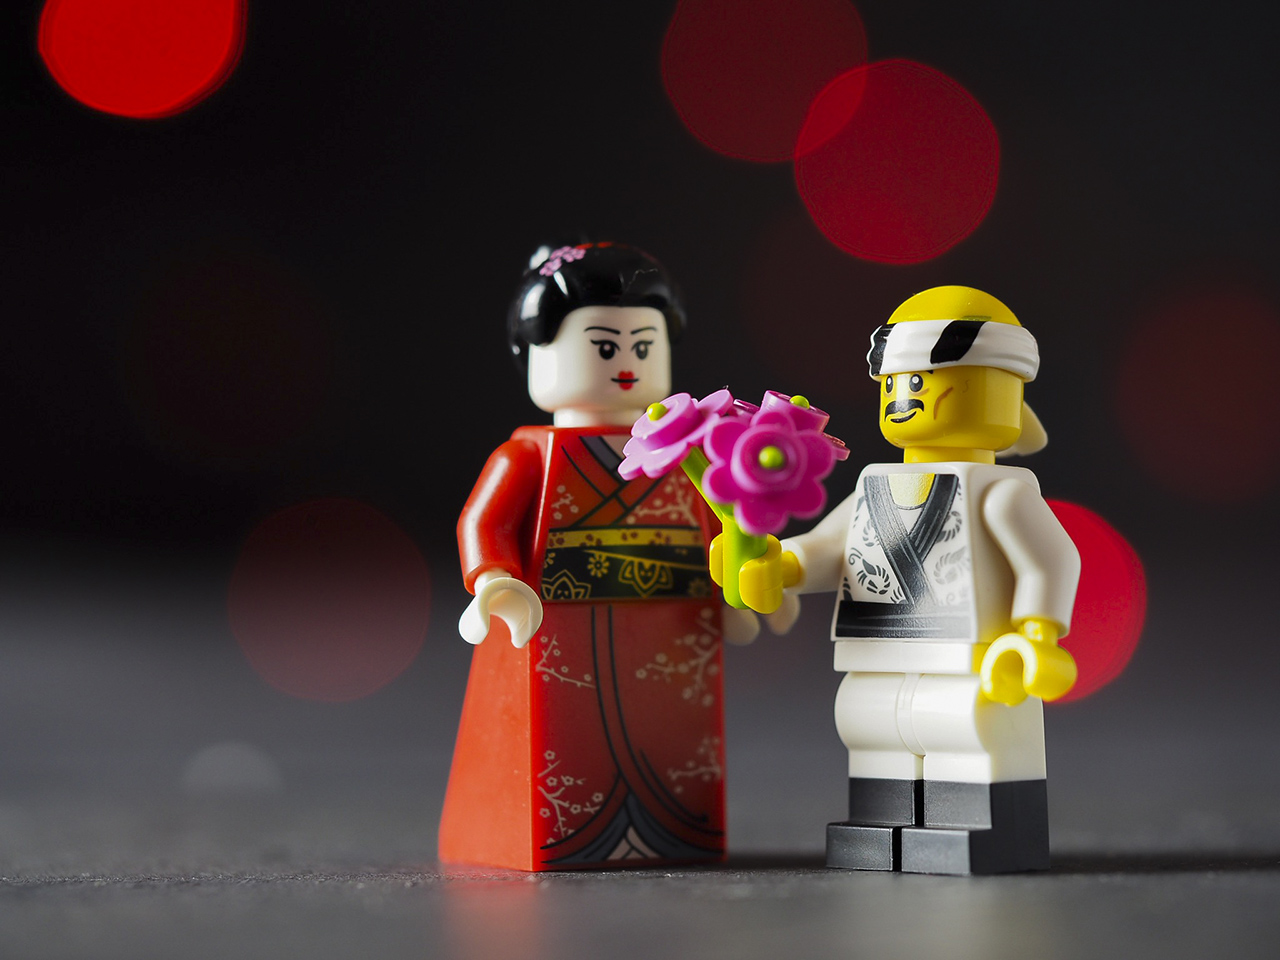 Oriental Valentine